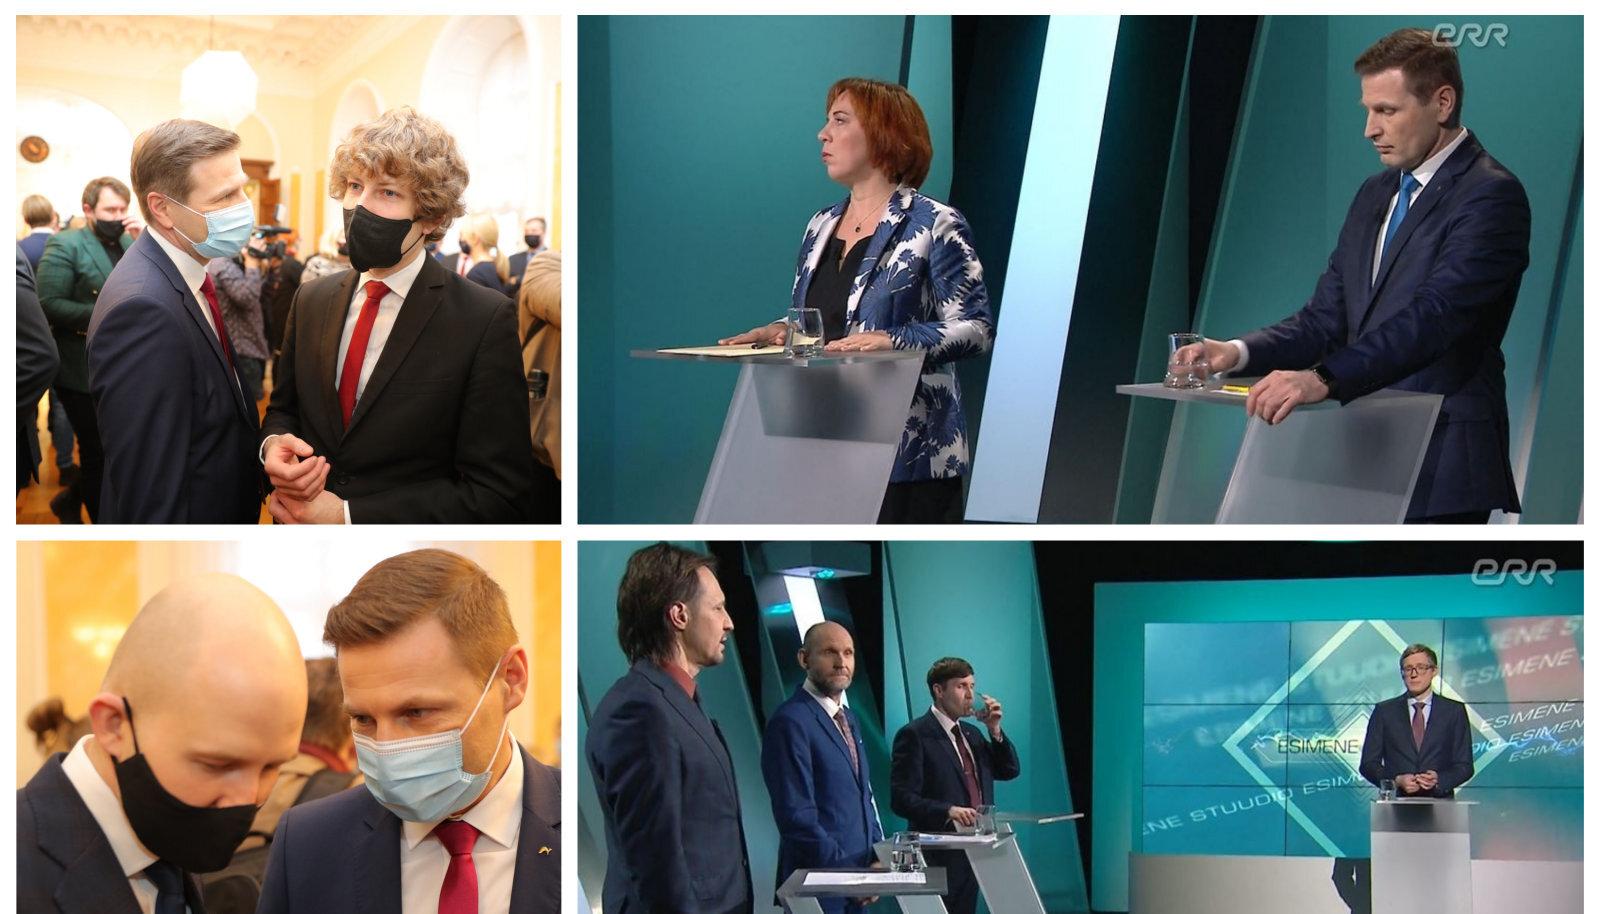 Teisipäeval osales Hanno Pevkur uue valitsuse ametisse astumise tseremoonial, kolmapäeva õhtul aga astus üles ERR otse-eetris koos Martin Helme, Helir-Valdor Seederi, Mailis Repsi ja Johannes Trallaga.